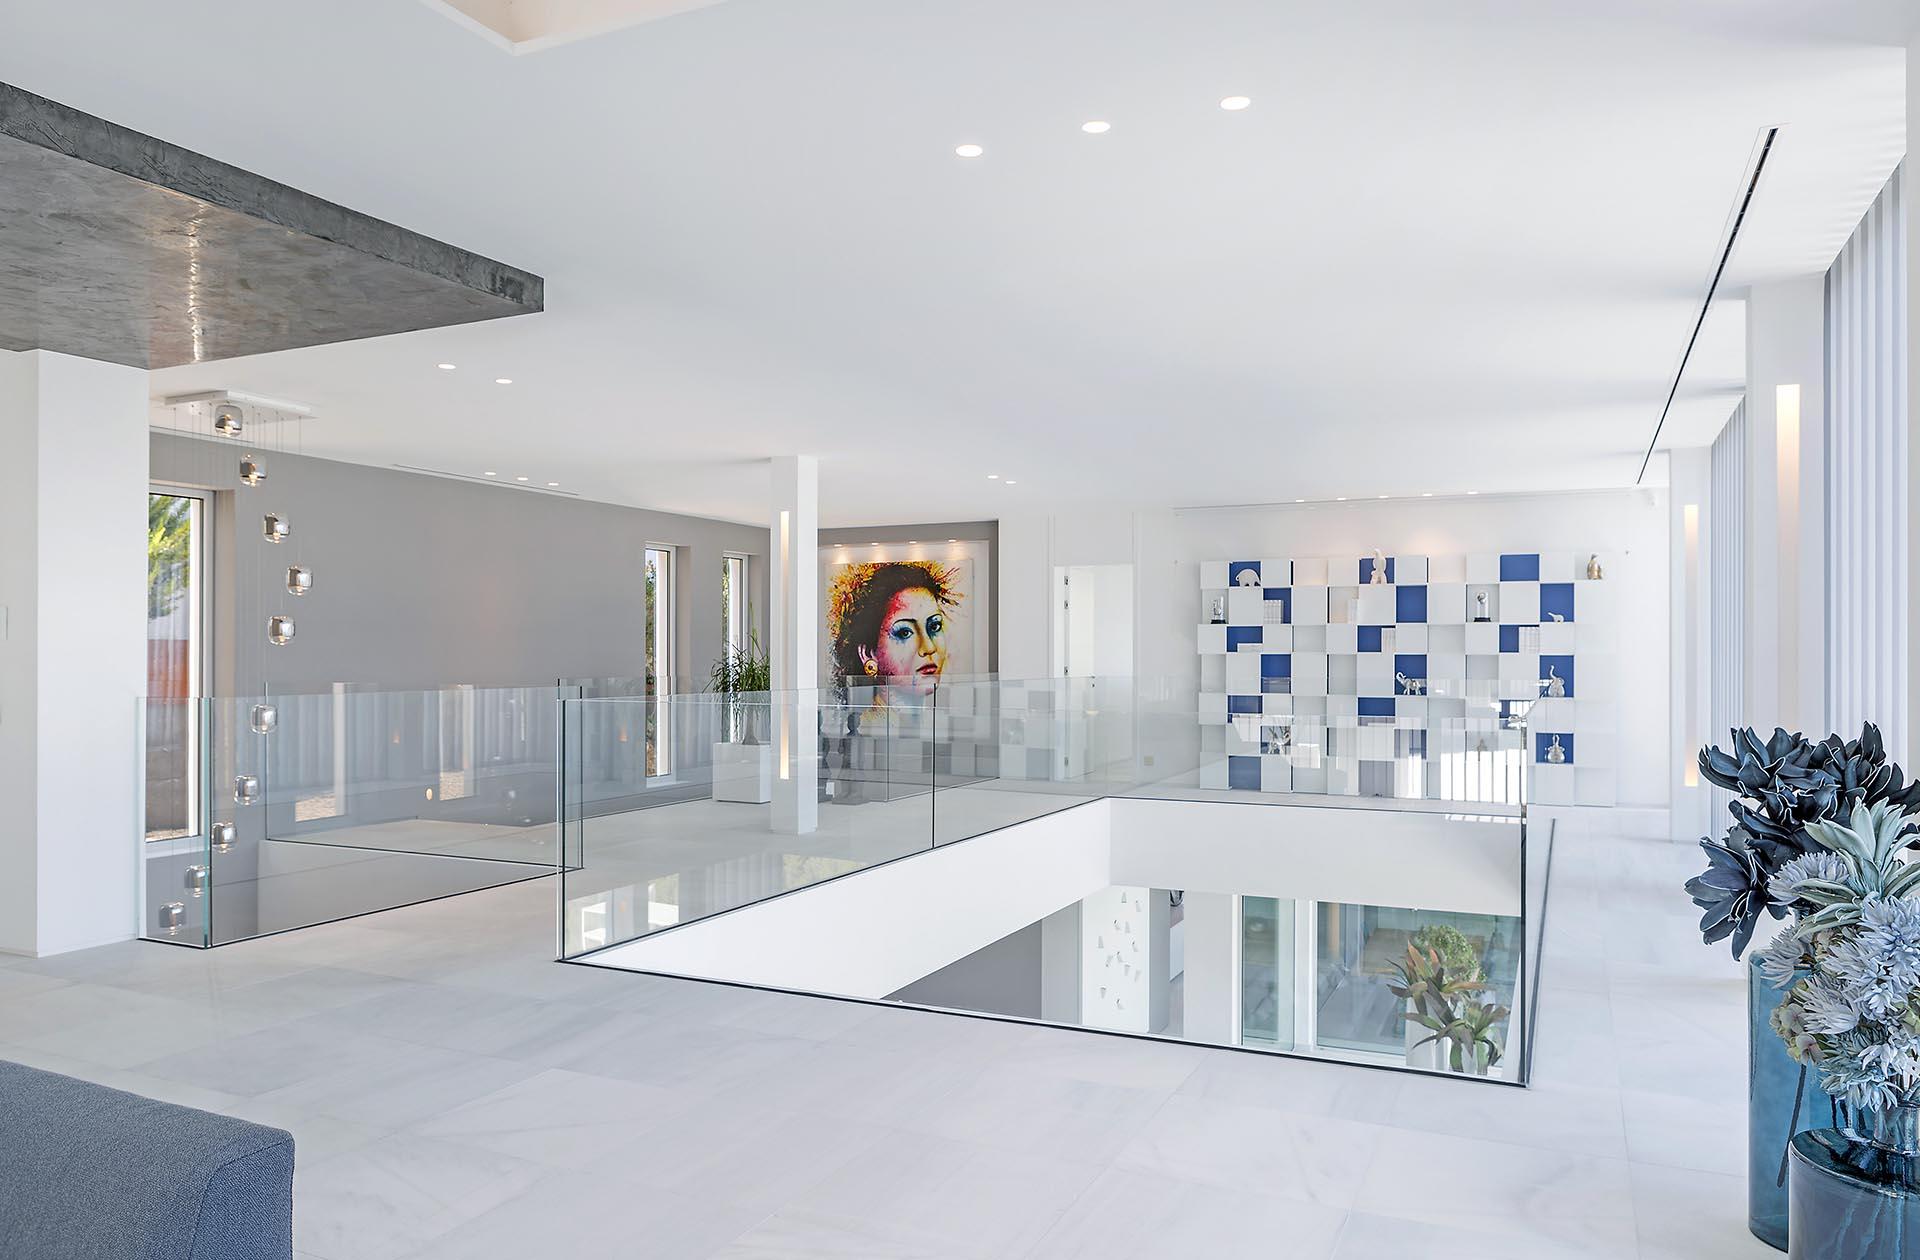 Traumhafte moderne Villa in Costa den Blanes - Modernes Design